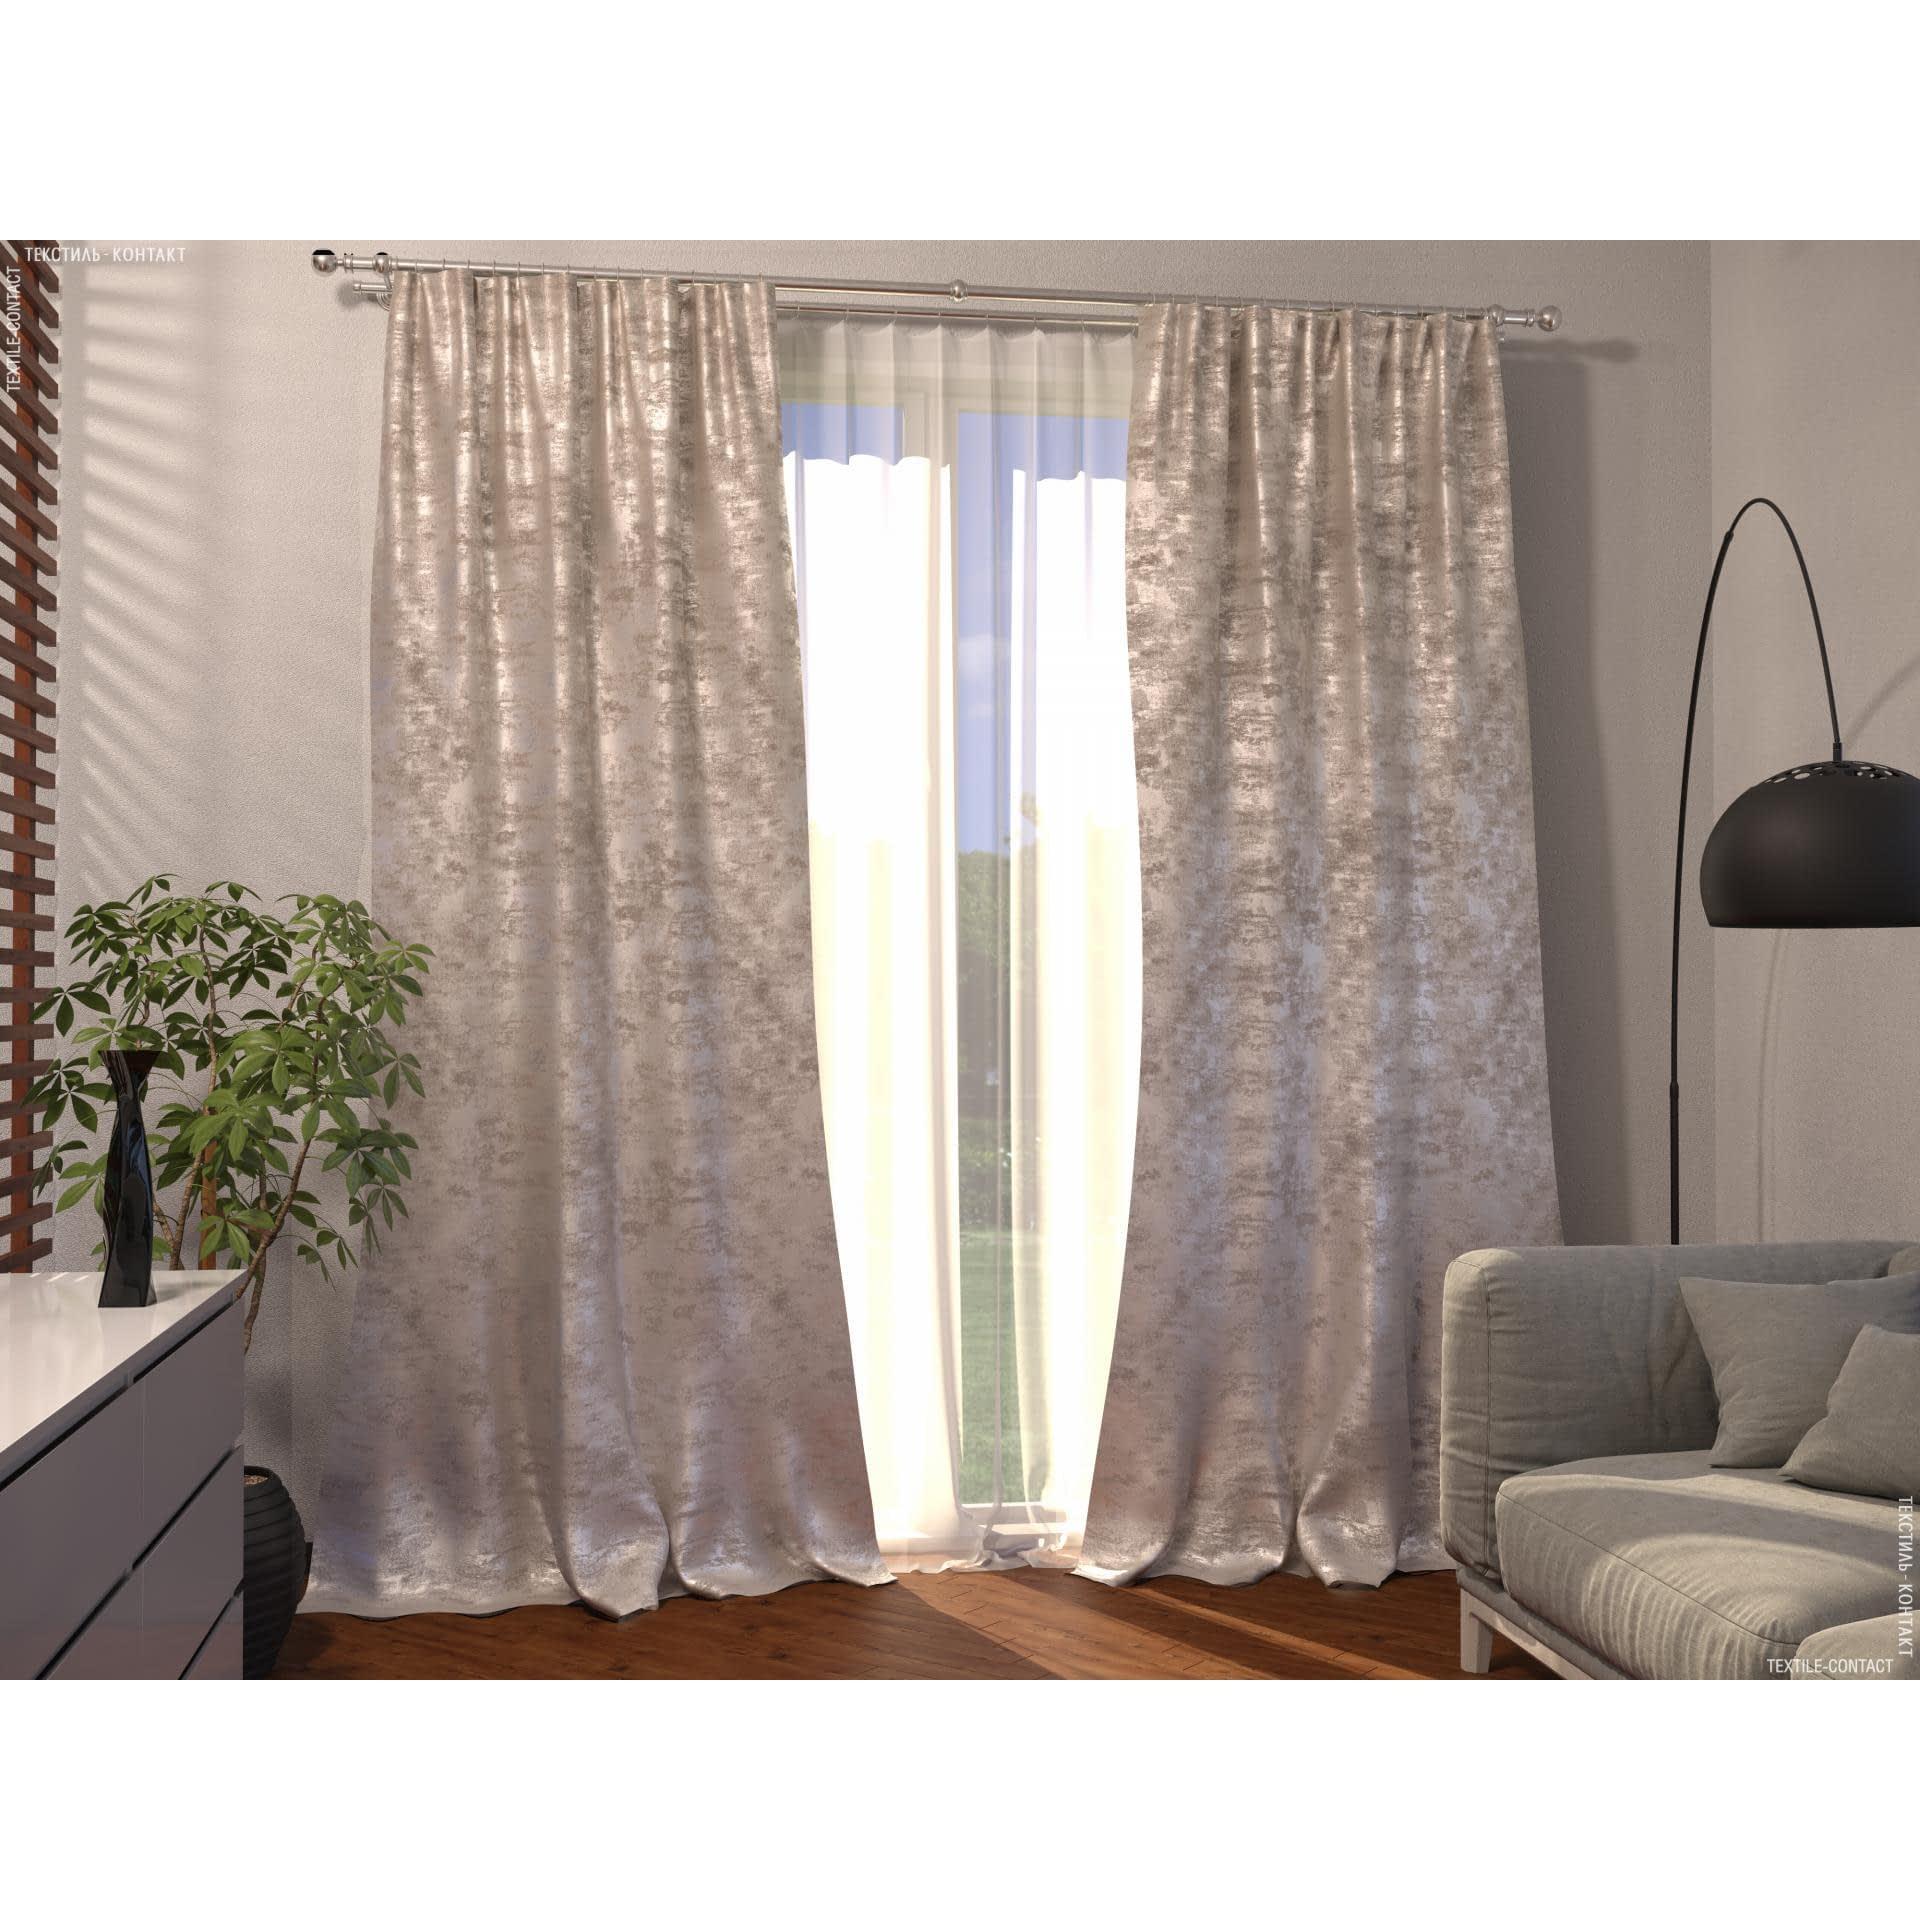 Ткани готовые изделия - Декоративная штора кварц/св.беж,какао 150/270 cm